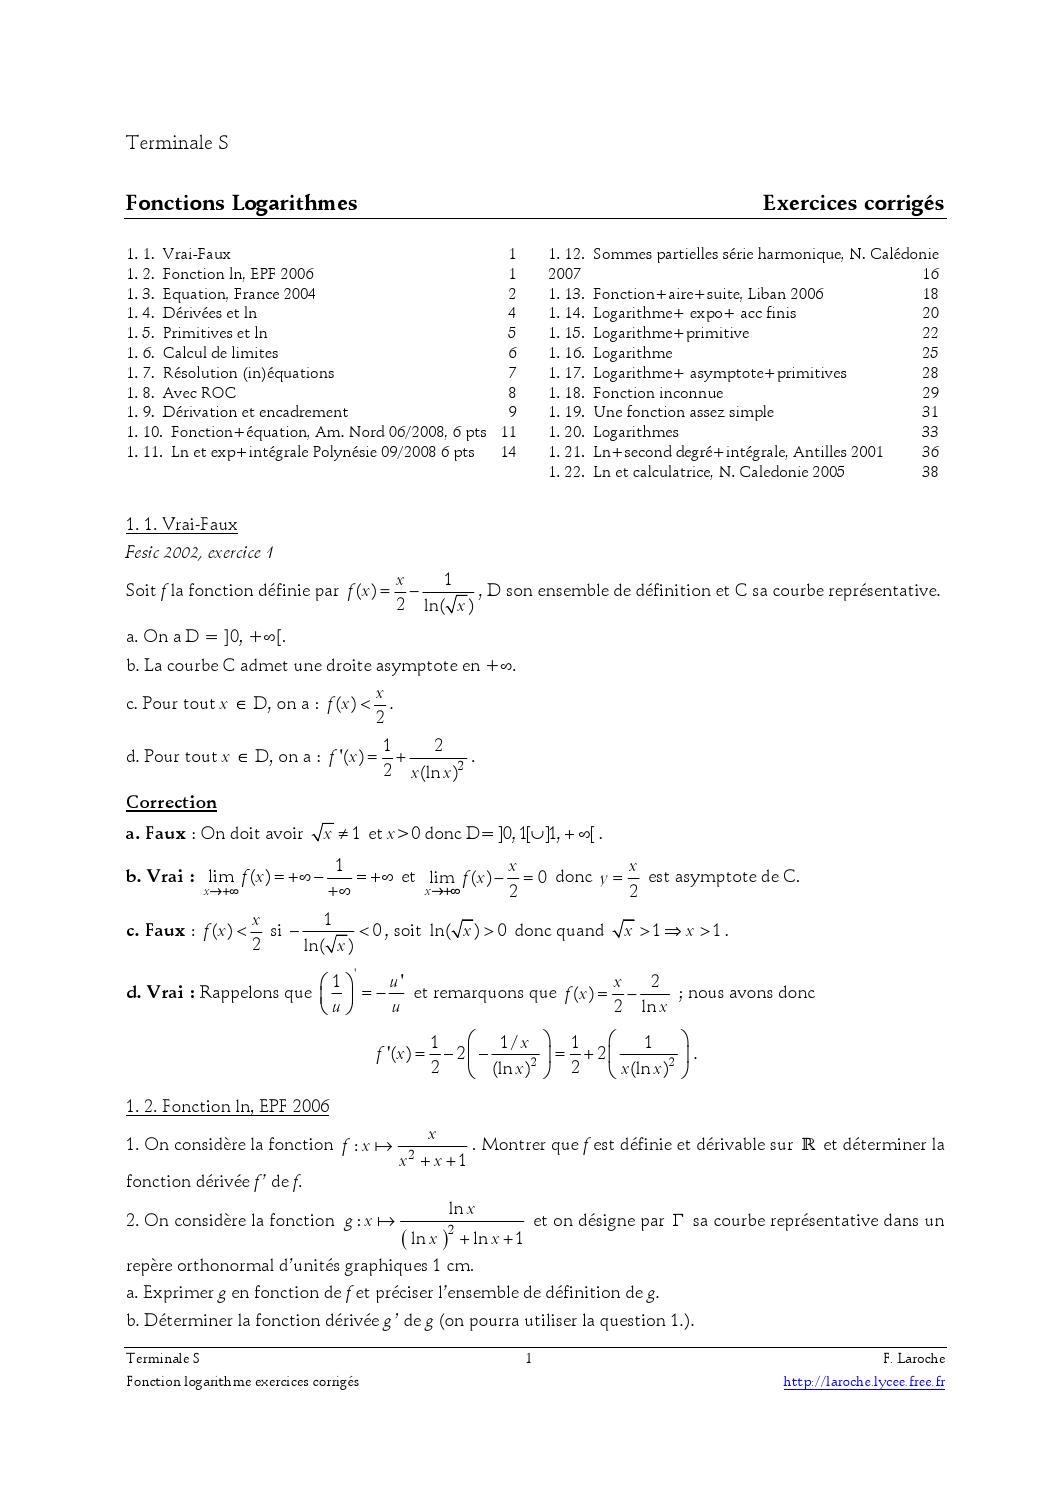 Logarithme Népérien Terminale Es Exercices Corrigés : logarithme, népérien, terminale, exercices, corrigés, Exercices, Logarithme, Corriges, Bac-Bik.dz, Issuu